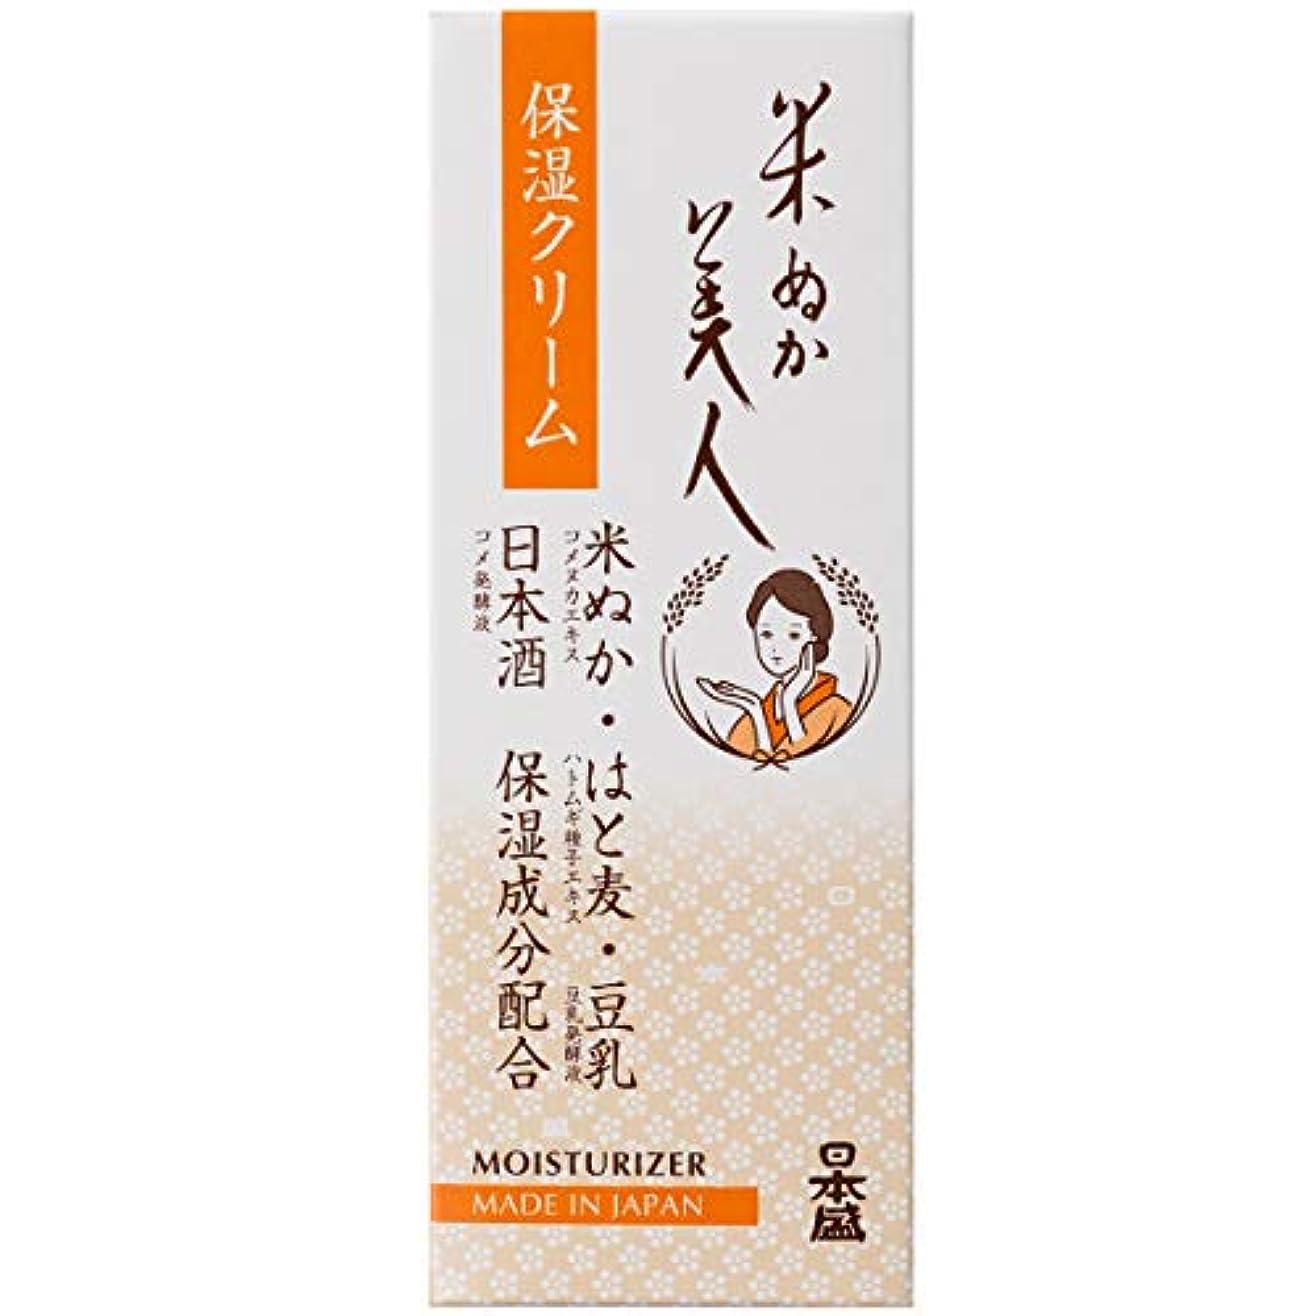 スポーツマン踏みつけ上向き日本盛 米ぬか美人 保湿クリーム 35g(無香料 無着色 弱酸性)